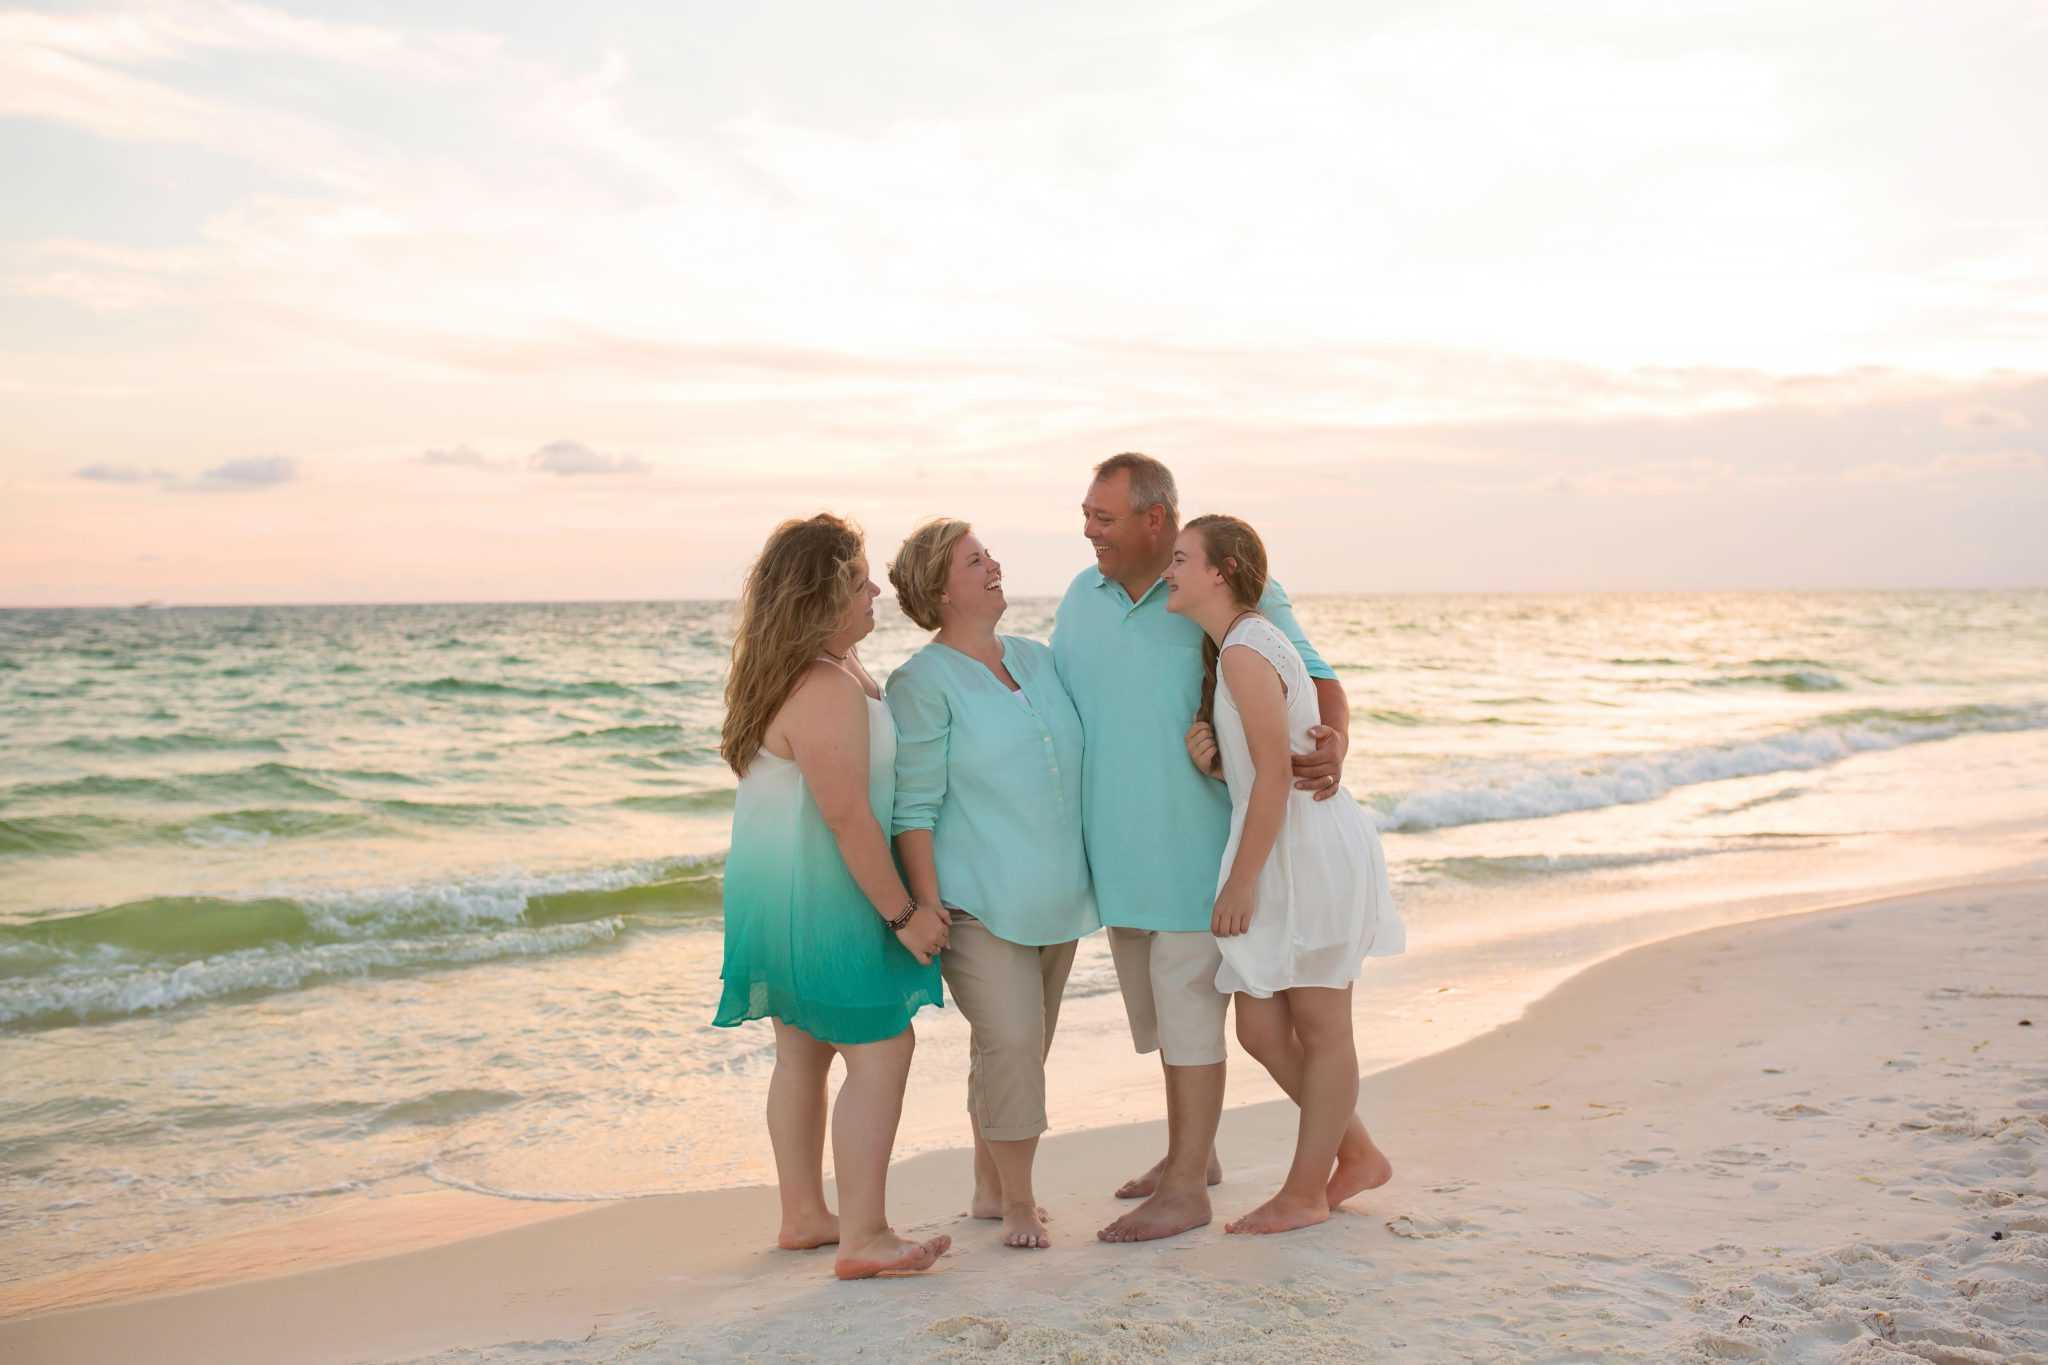 Family Photos Rosemary Beach - LJennings Photography